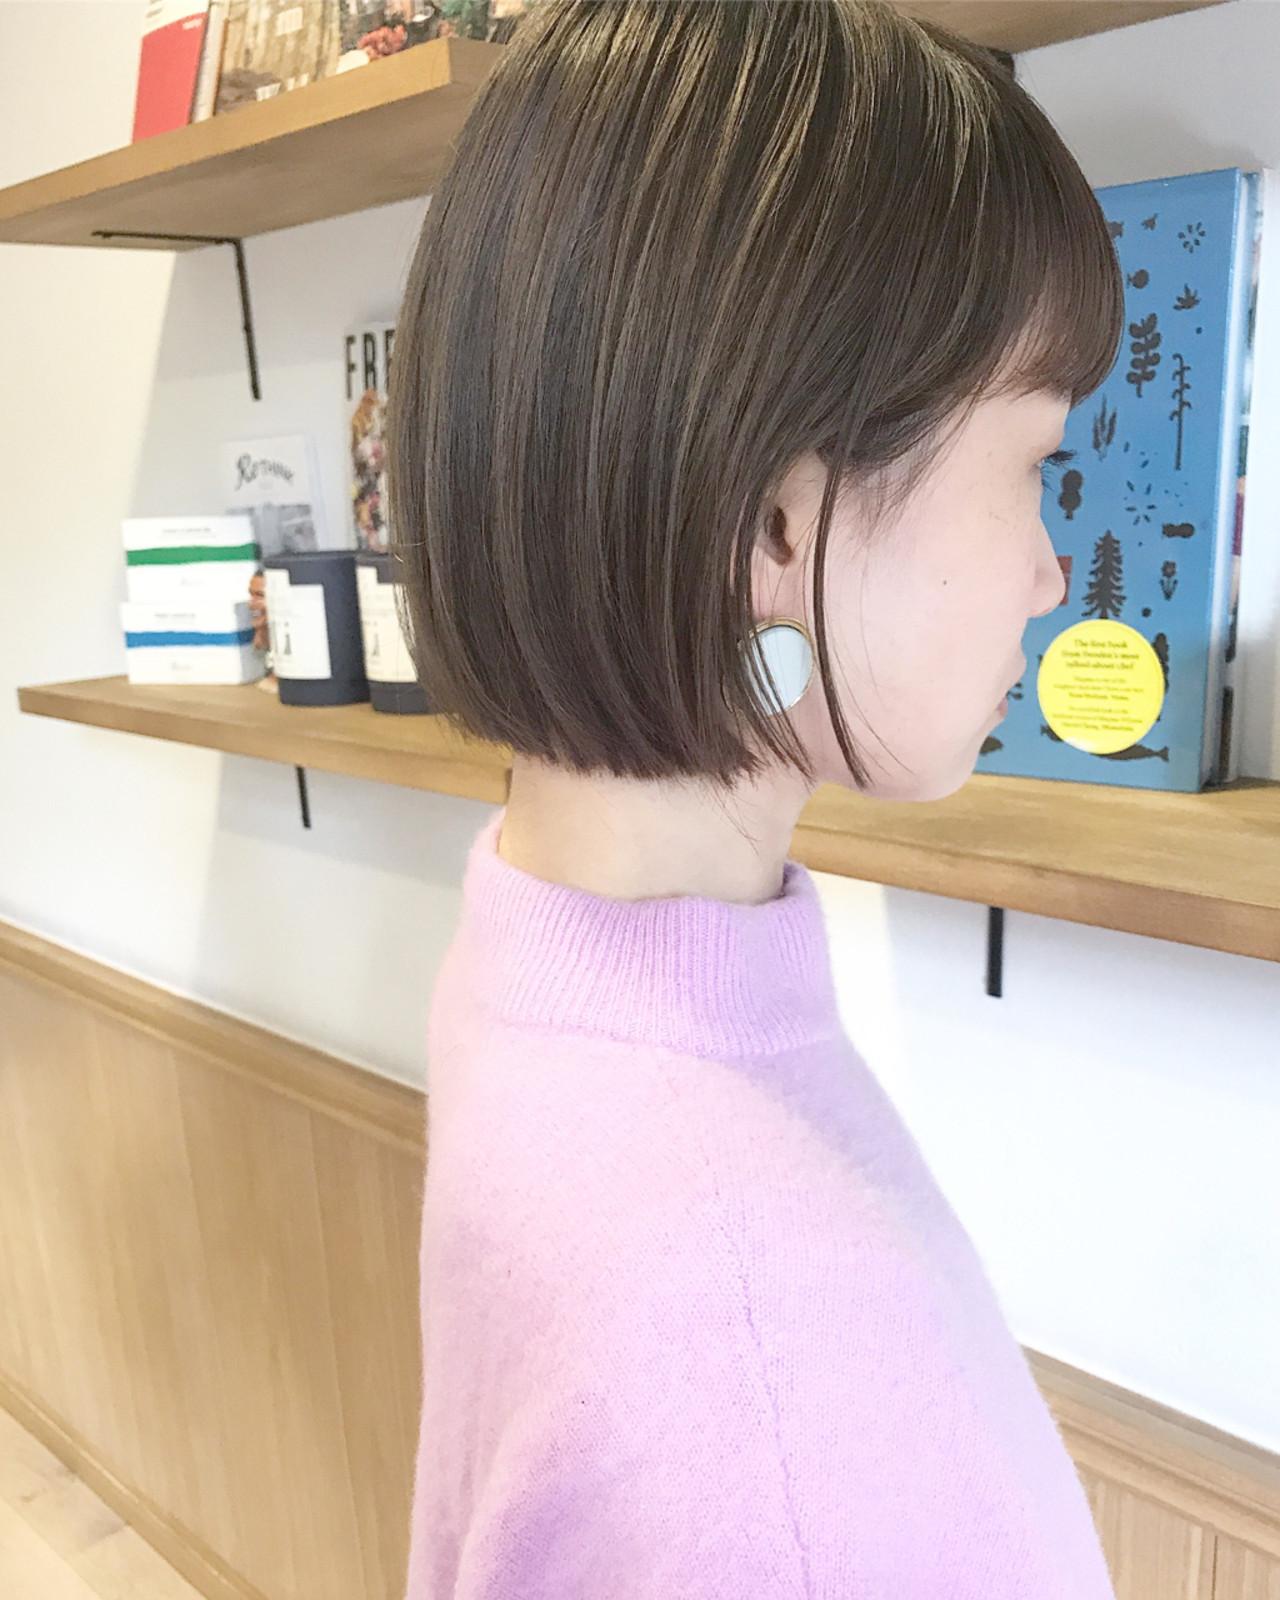 茶髪×ストレートボブならゆるふわ女子に 祖父江基志 | NOESALON